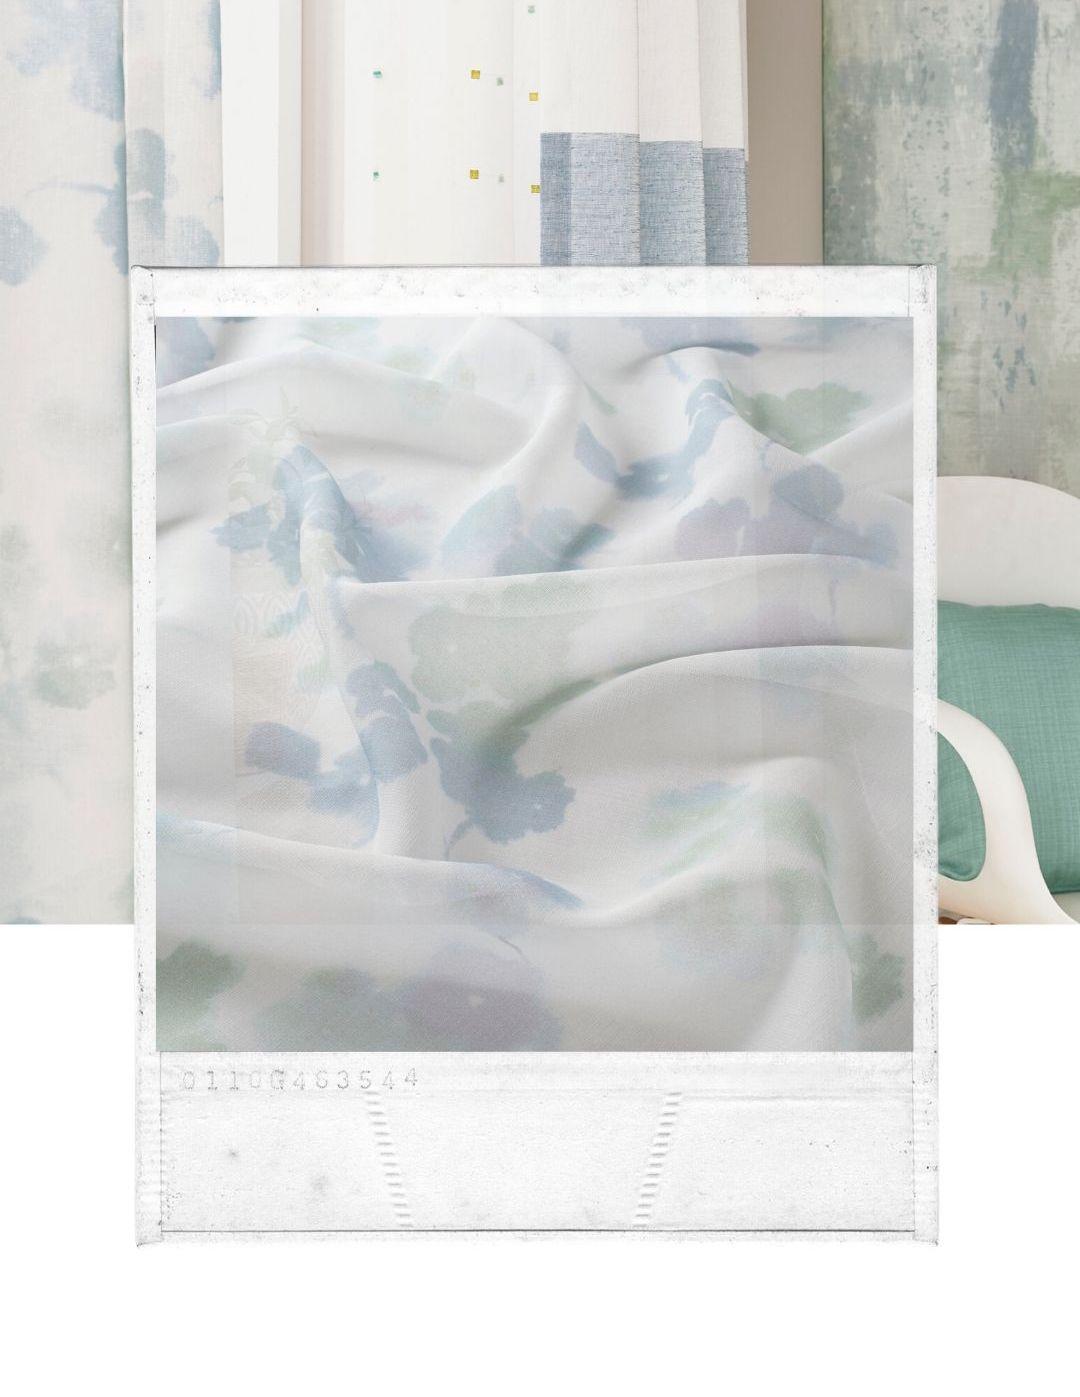 Heute-mo-chten-wir-euch-unseren-Fla-chenvorhang-Cubes-vorstellen-in-den-Farben-weiss-und-taupe-erha-ltlich-Mehr-in-unserem-Onlineshop-Euer-Design-Team-Lisa-Peter-7